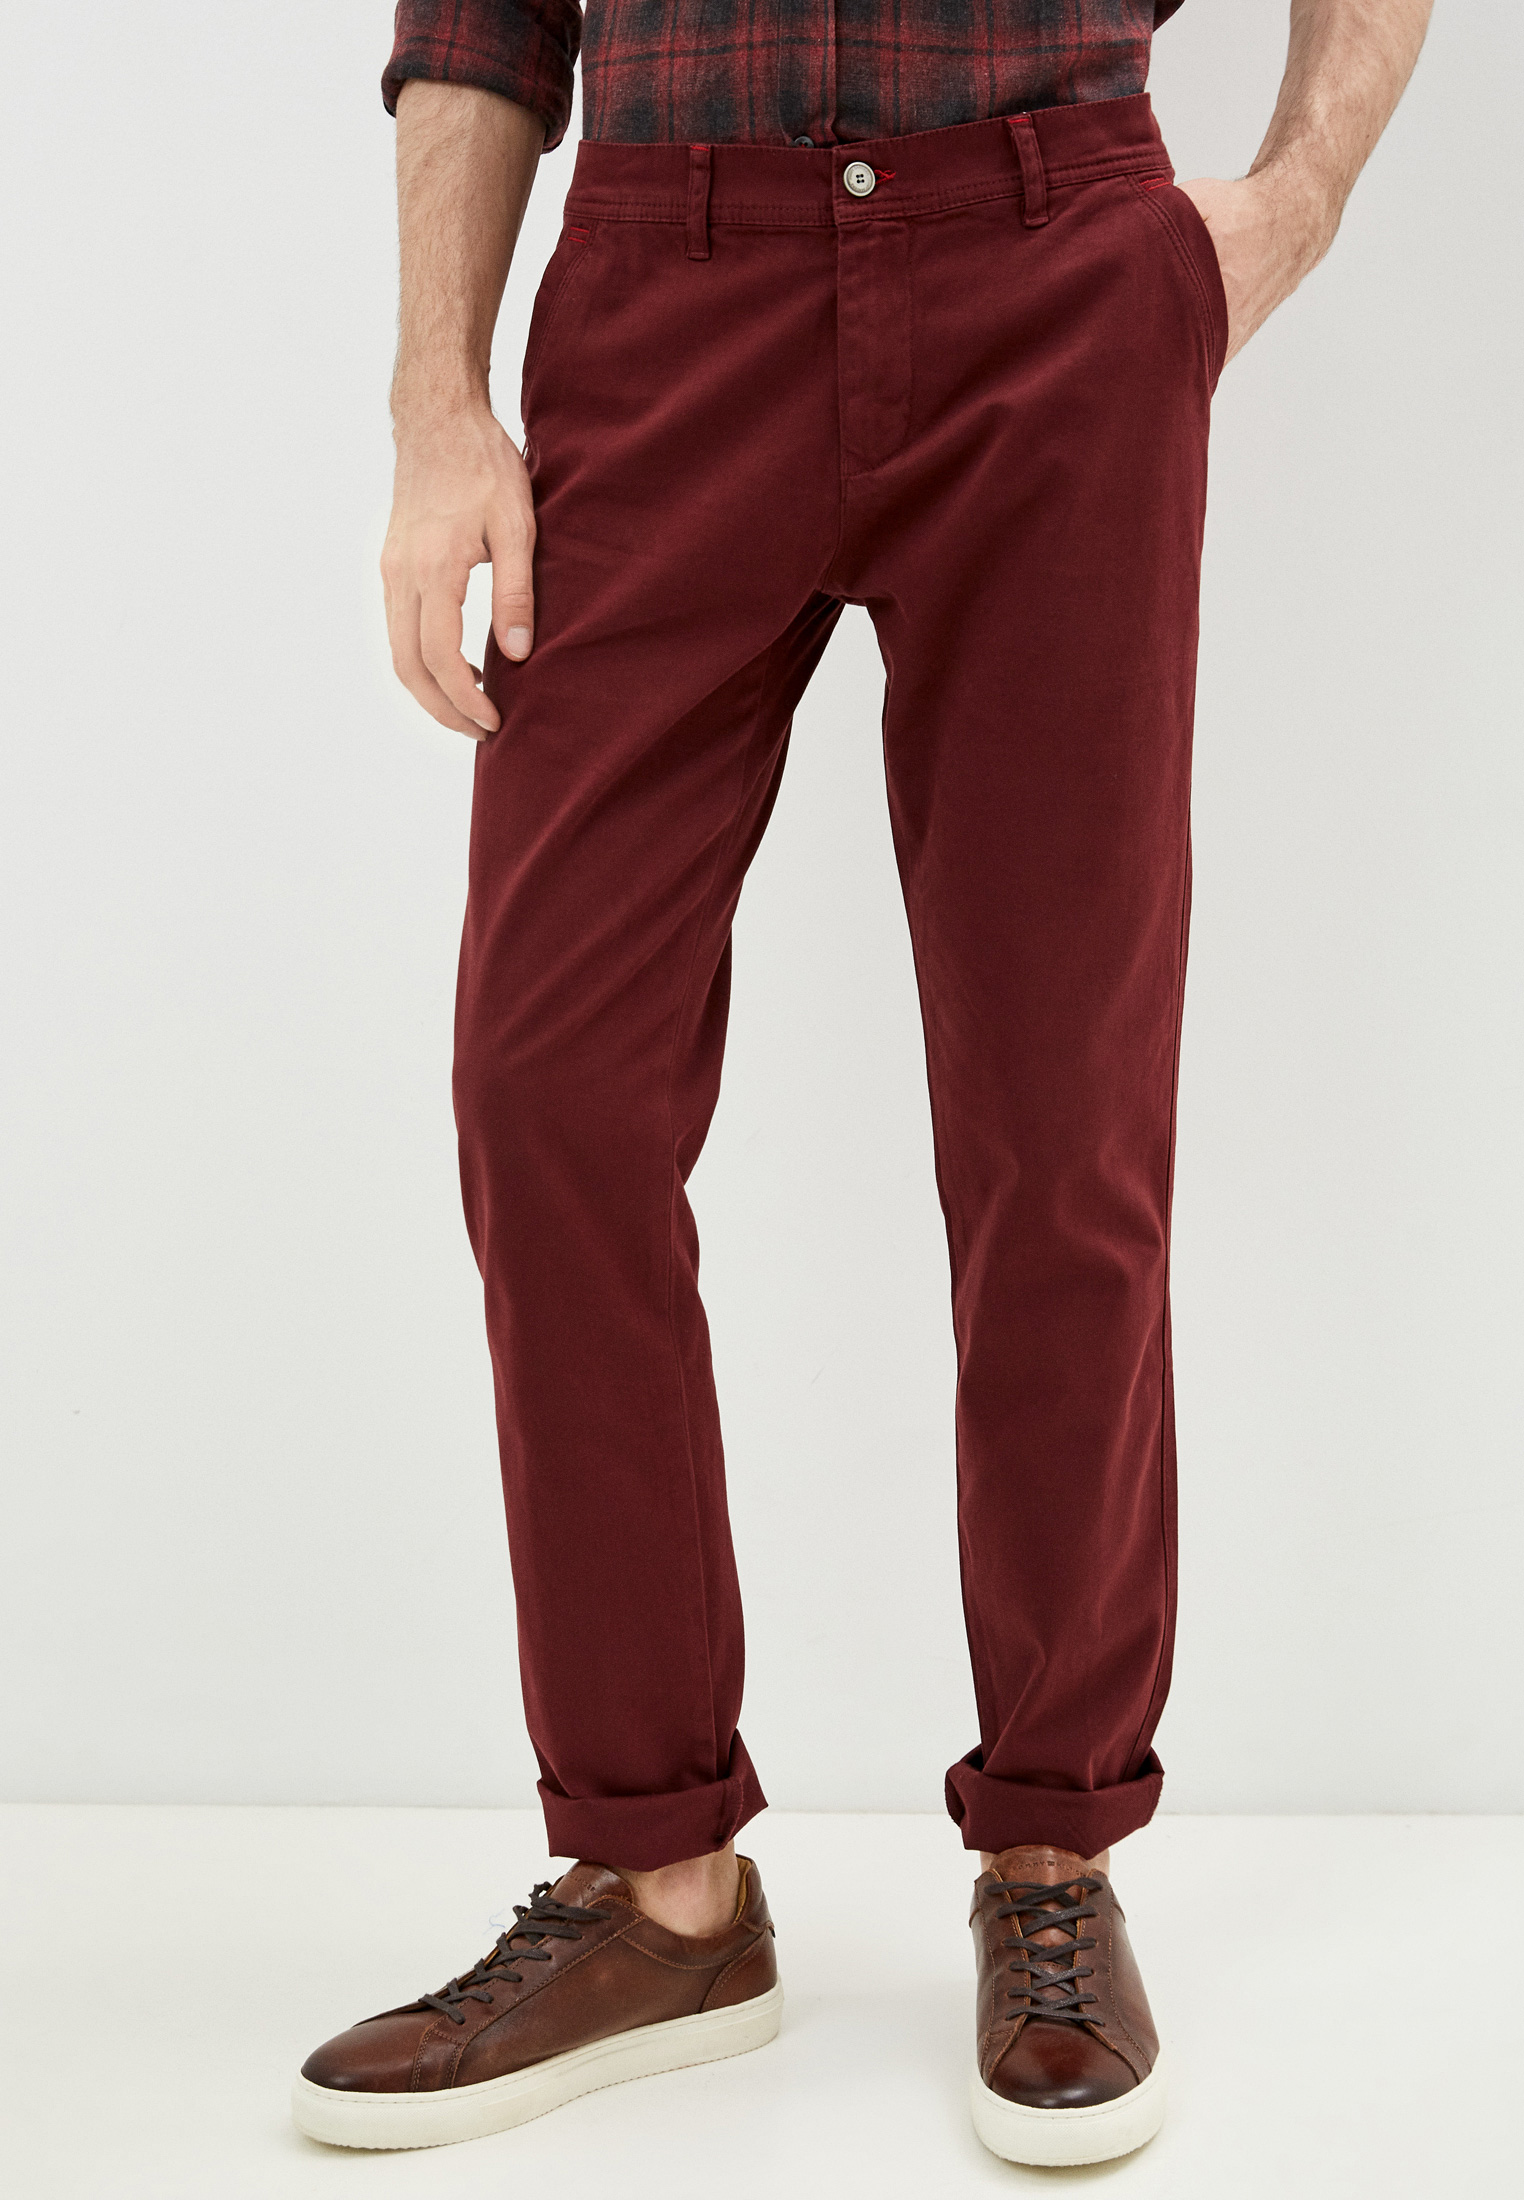 Мужские повседневные брюки JIMMY SANDERS (Джимми Сандерс) Брюки Jimmy Sanders